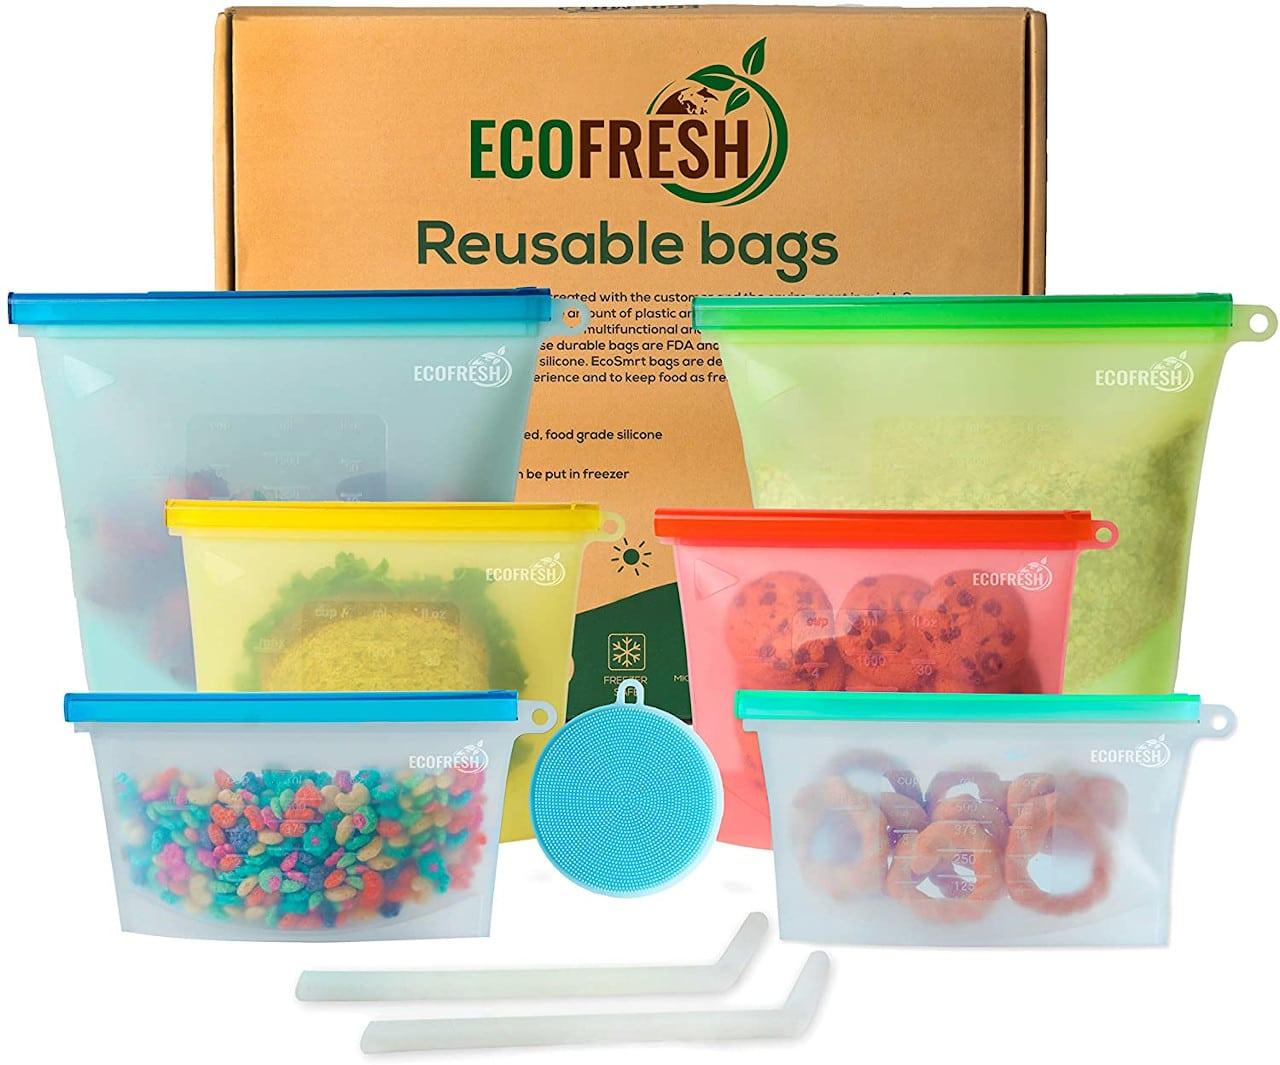 EcoFresh reusable bags